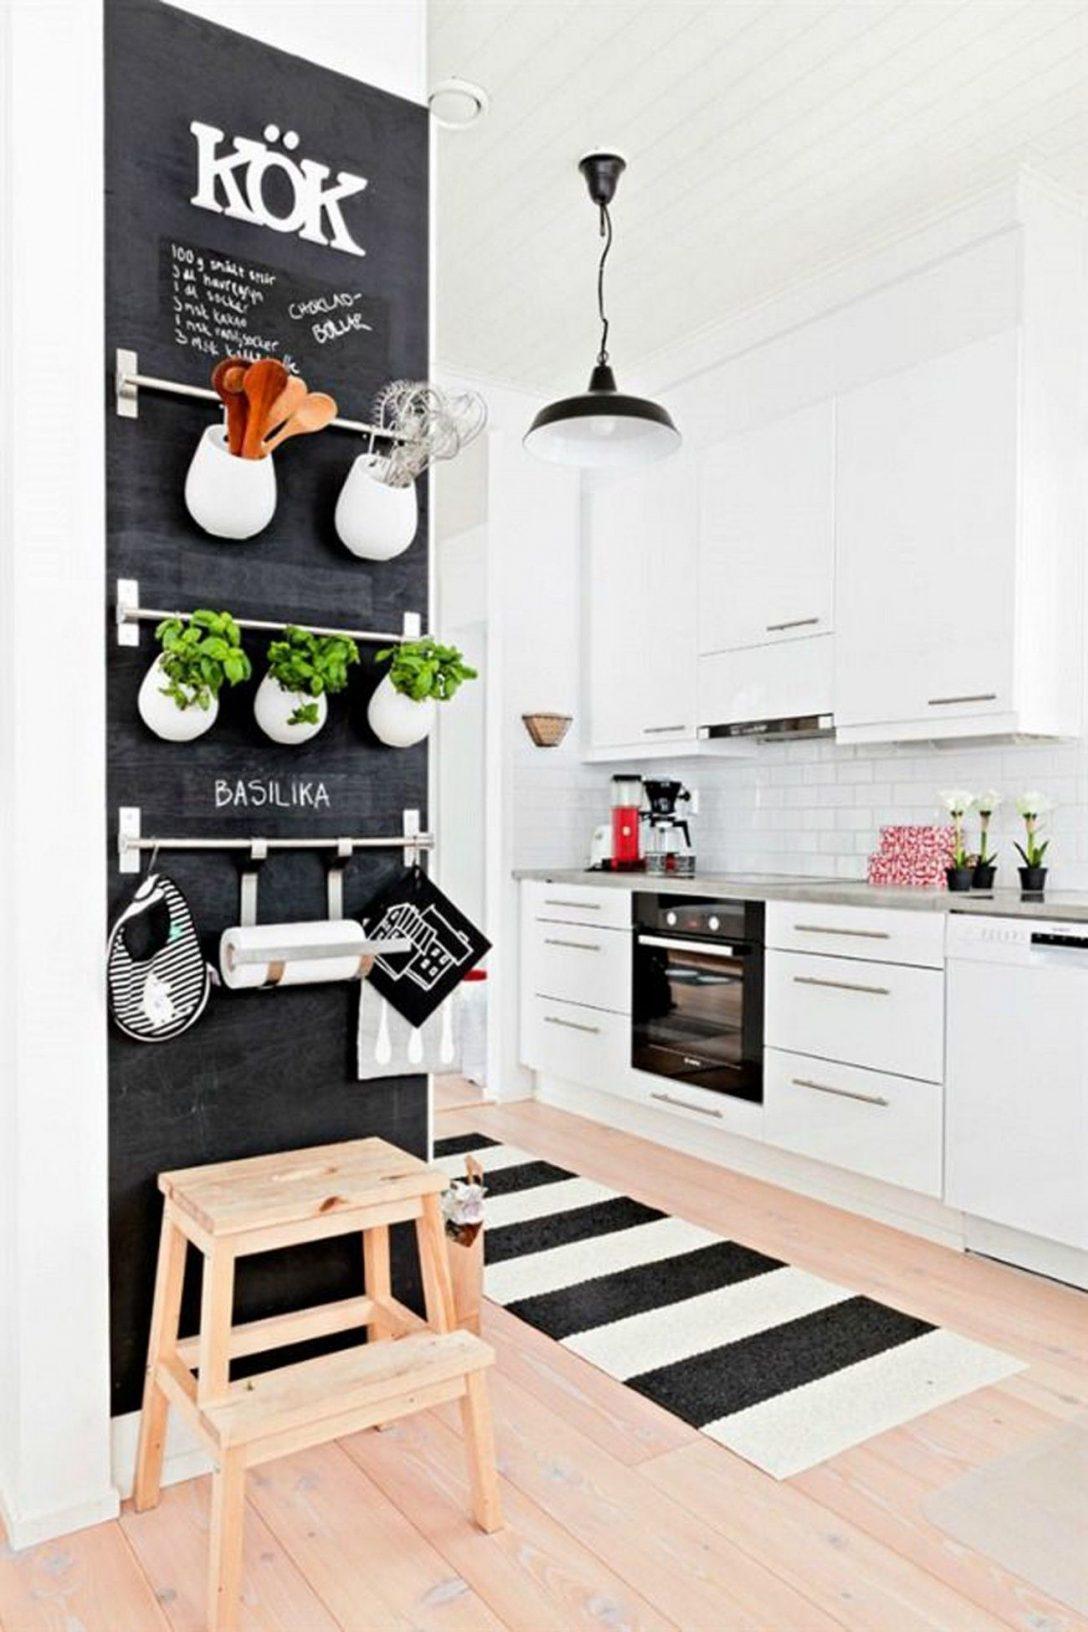 Large Size of Kreidetafel Rückwand Küche Kreidetafel Mit Magnet Für Küche Kreidetafel Küche Diy Kreidetafel Küche Ikea Küche Kreidetafel Küche